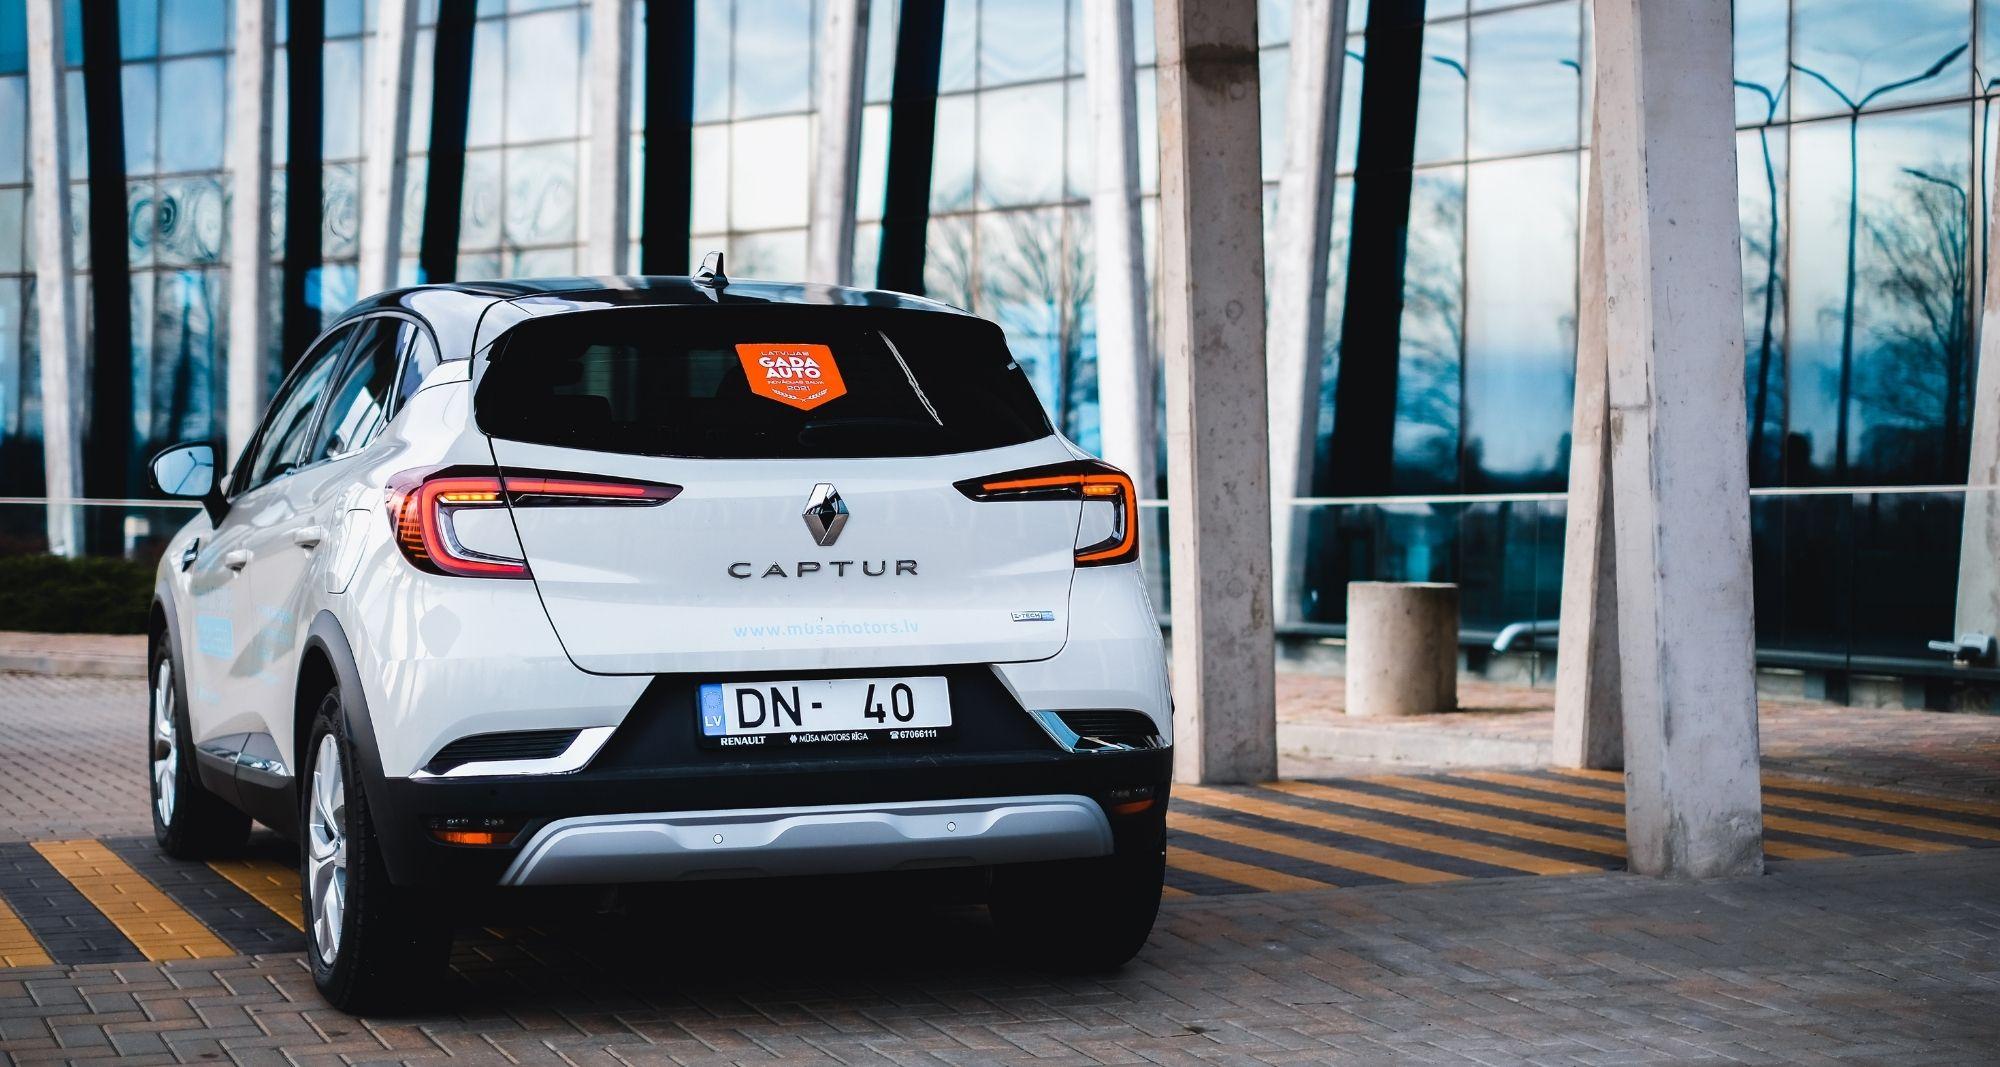 Flotte automobile hybride : le meilleur choix à court terme ?